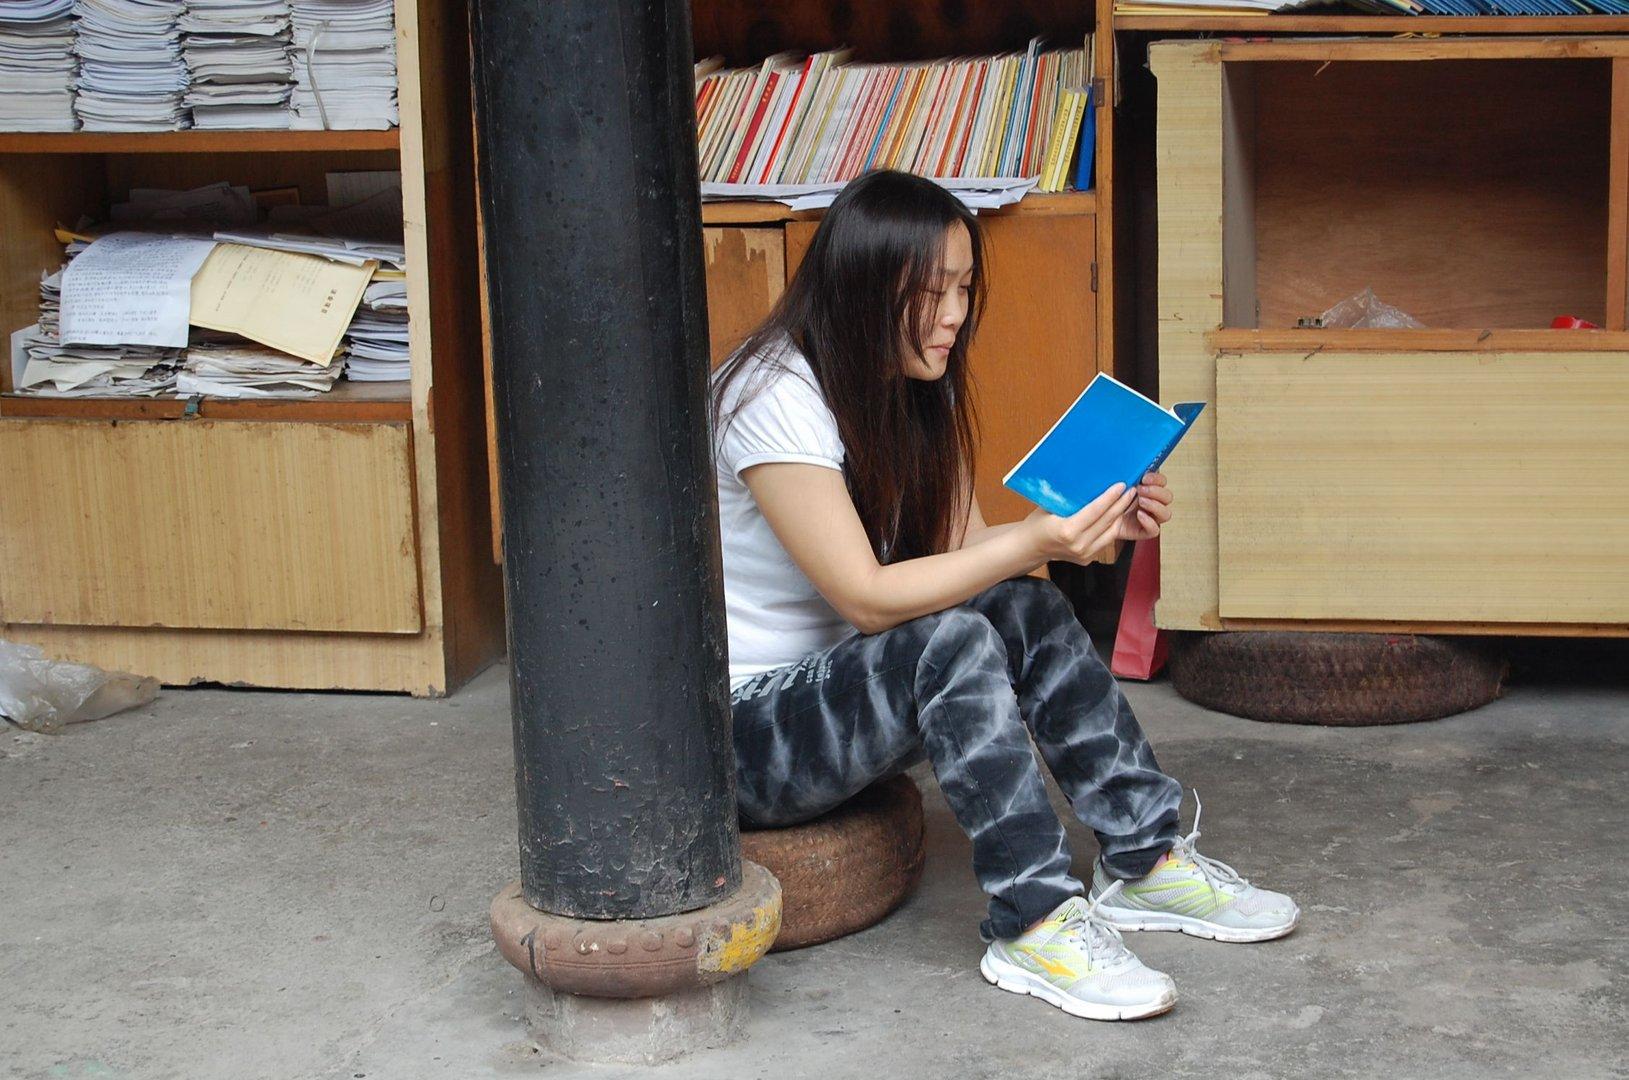 Chengdu 2013: Mädchen liest in buddhistischen Schriften